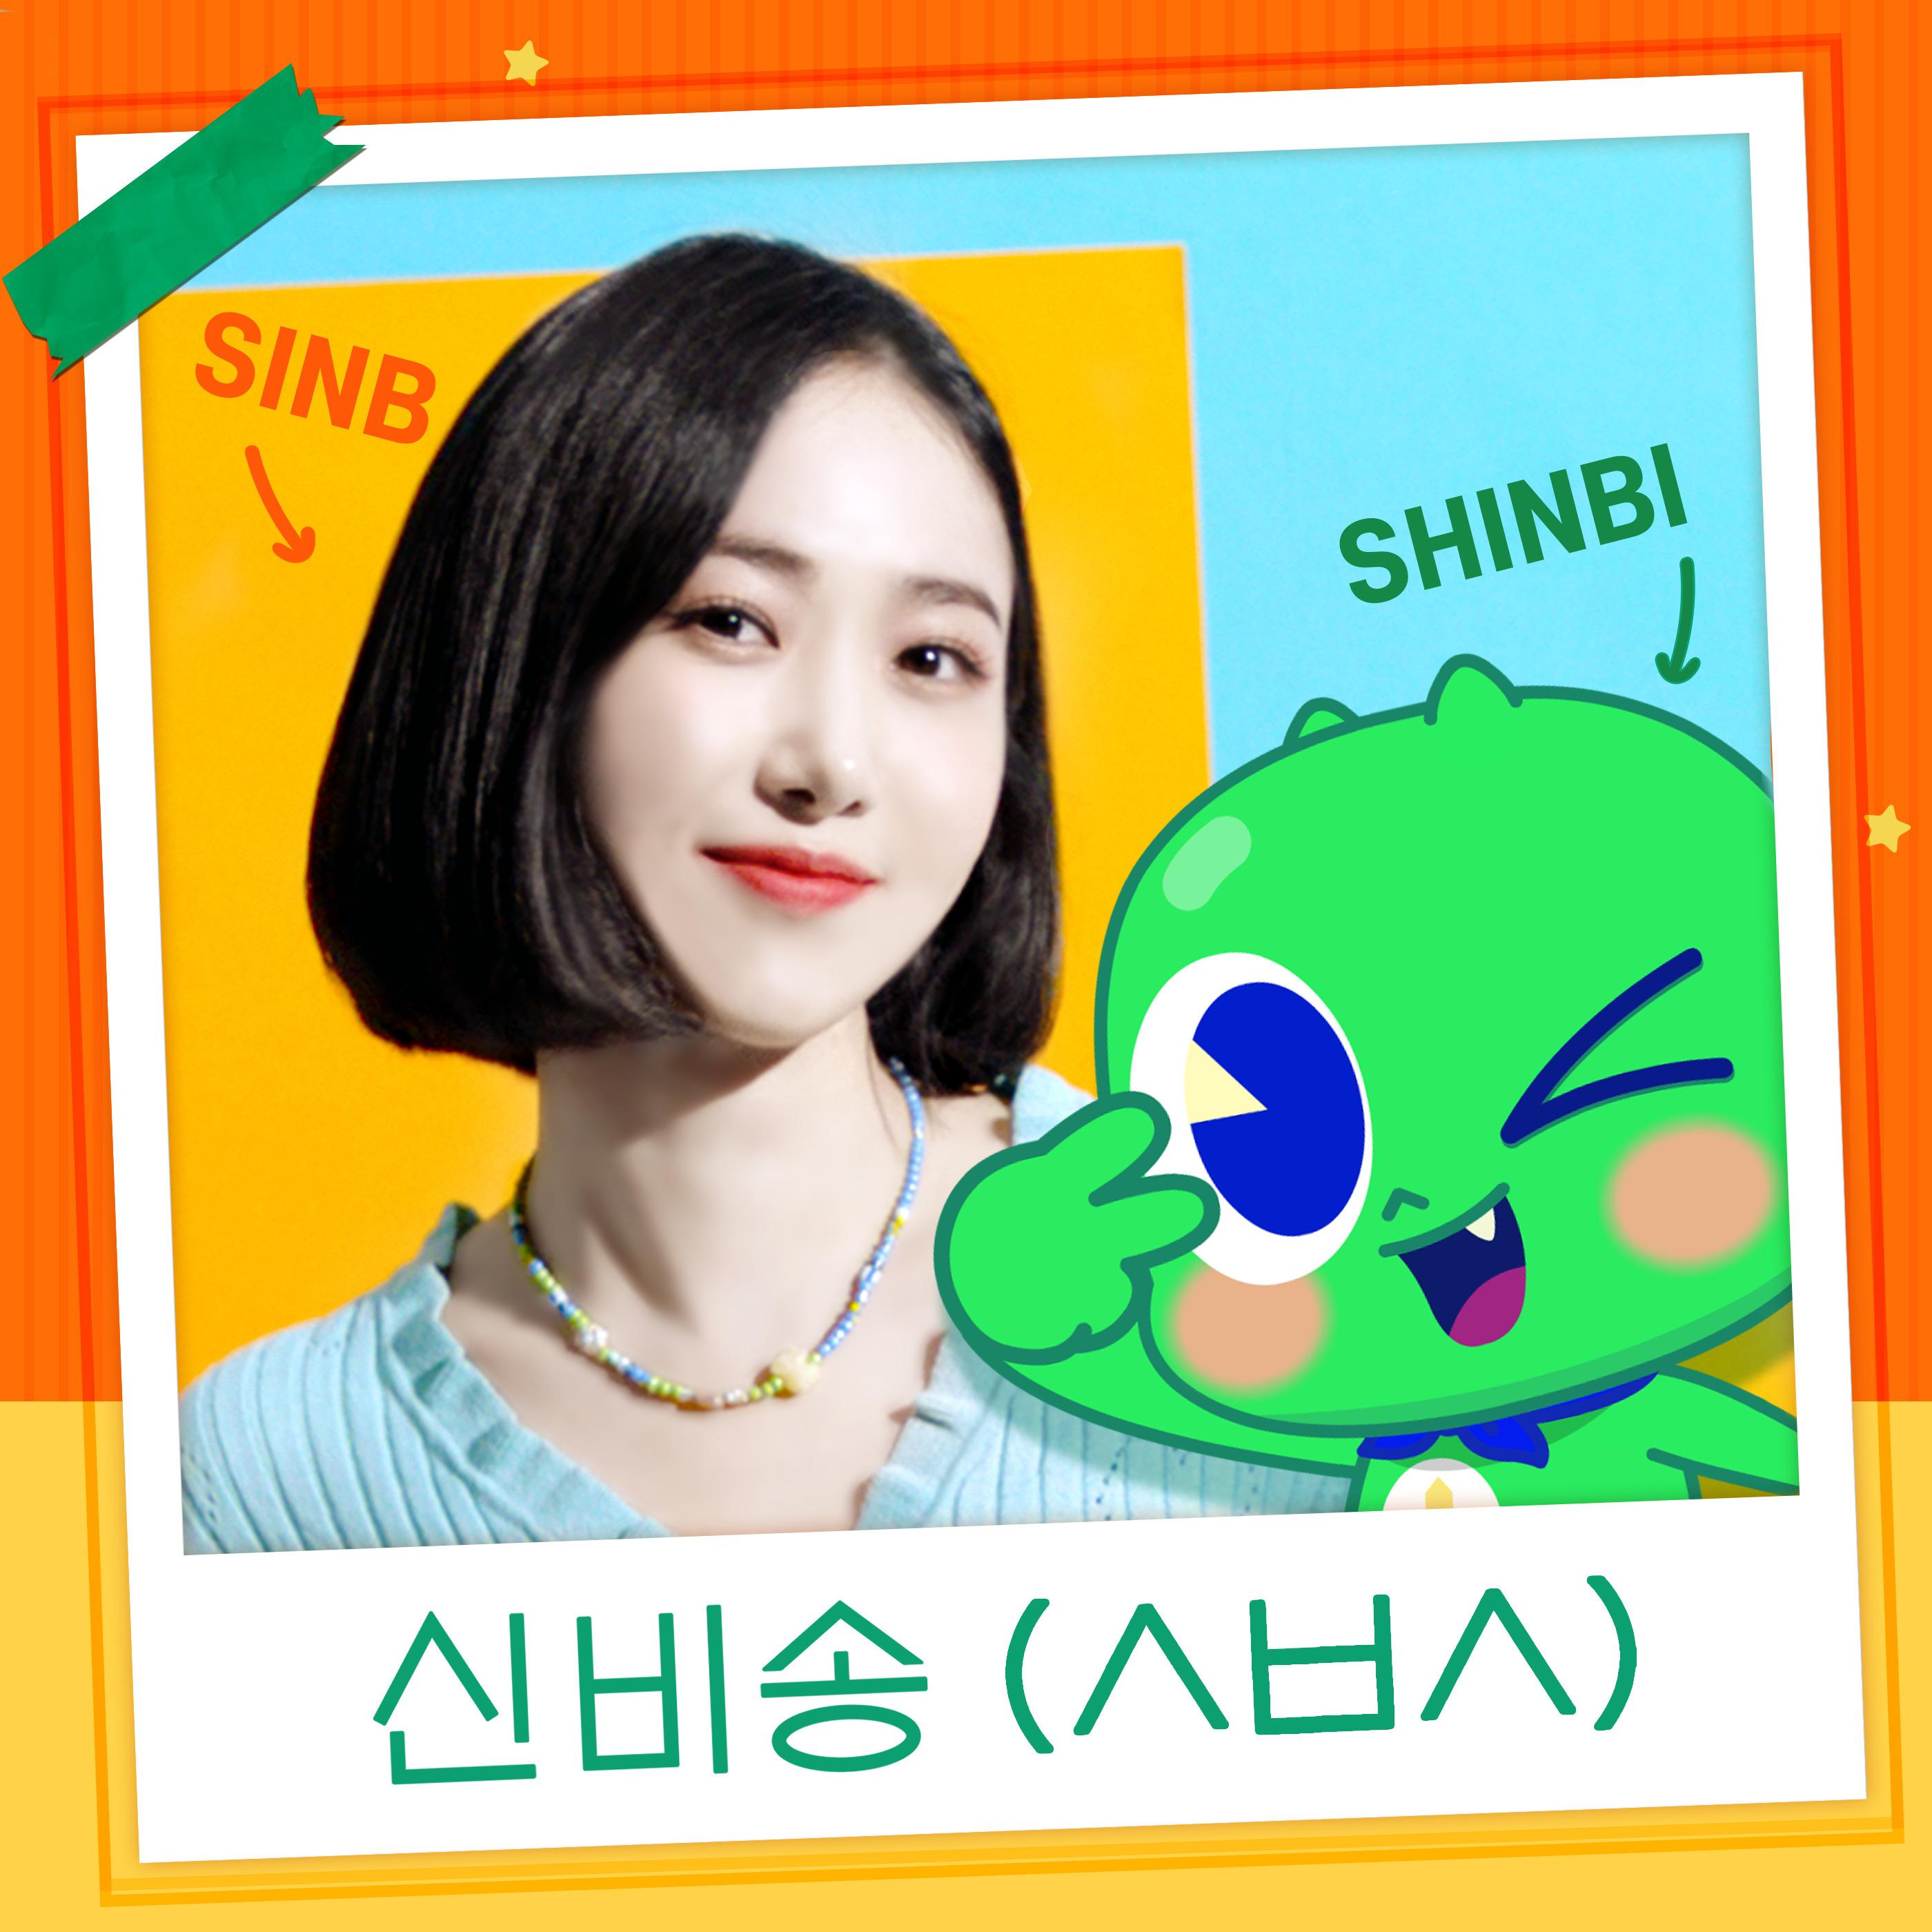 [情報] SinB(GFRIEND), Shinbi - 神秘頌